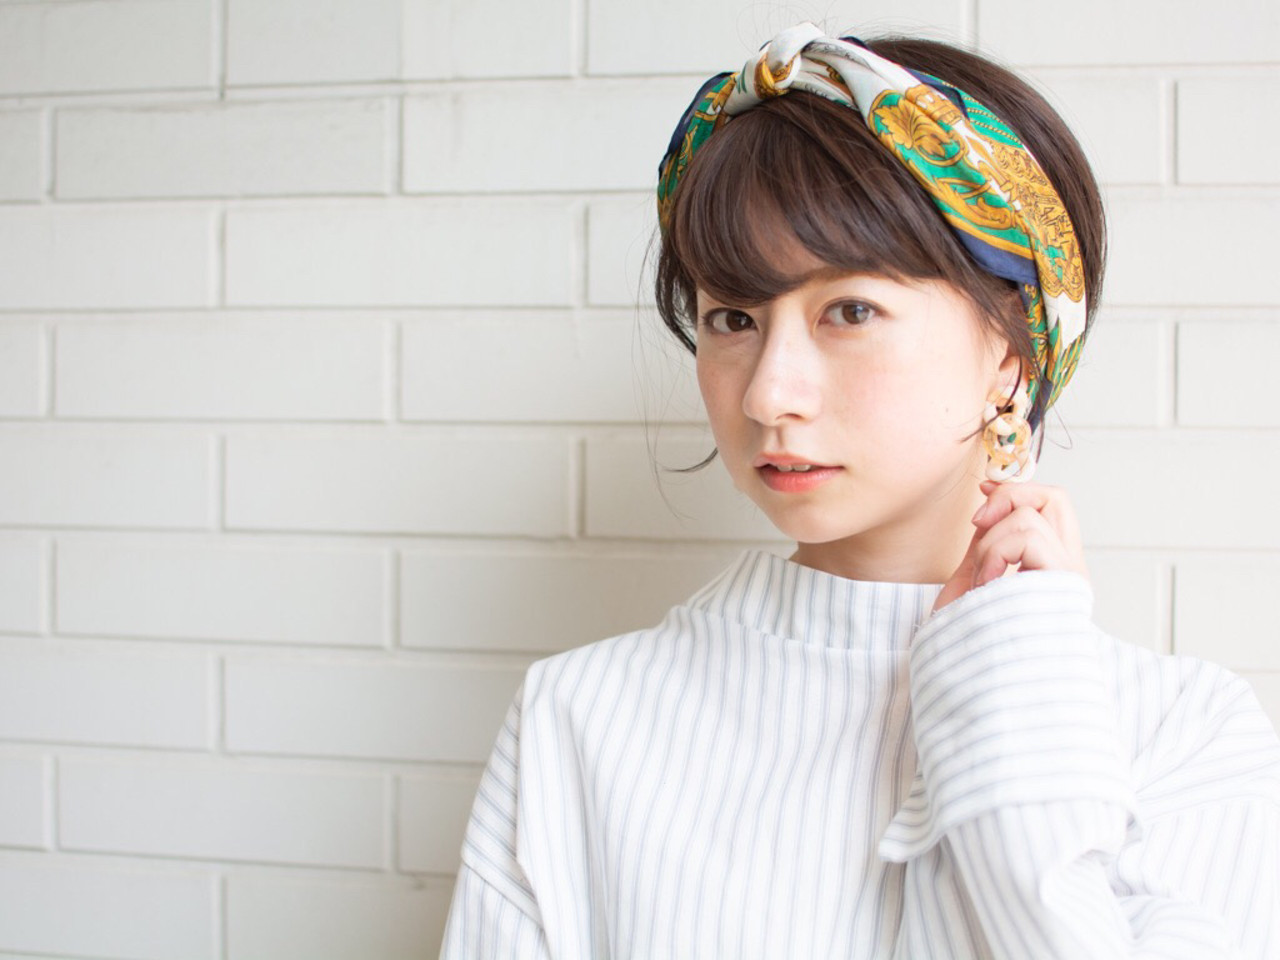 スカーフで大人っぽく♡はねるボブのおしゃれで簡単なアレンジ 【noine】斉藤 正敏noine